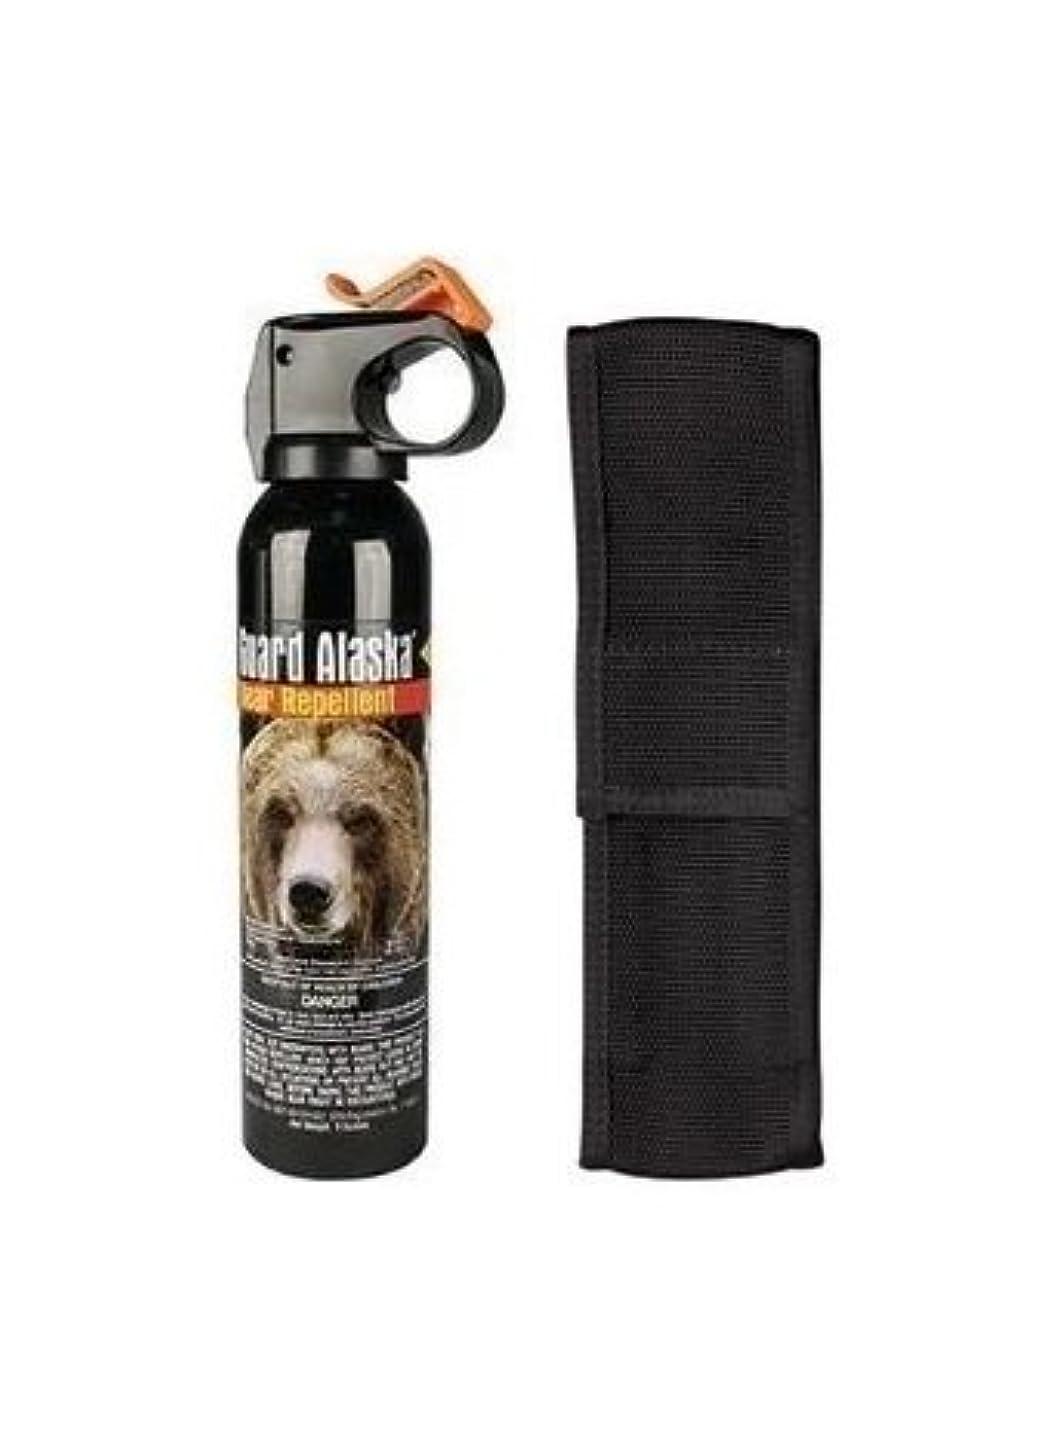 バルーン比喩猫背環境に安全Bear &動物撥、最も効果的な&パワフルDefenseスプレー( 9oz。トリガースタイルスプレーキャニスター) – Made in USA byガードアラスカ